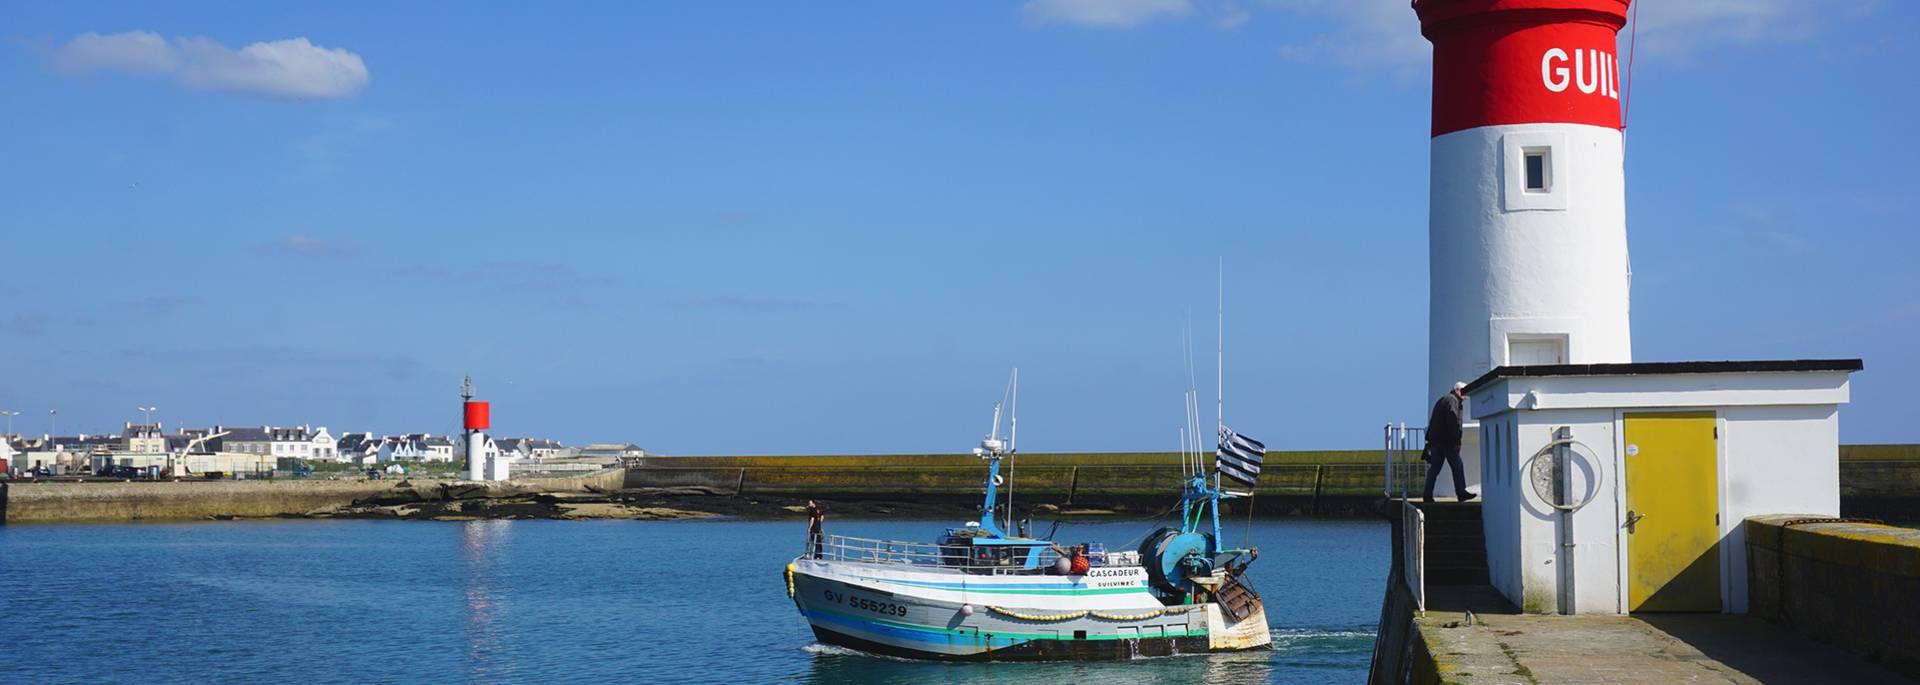 Returning to Le Guilvinec harbour, Pays Bigouden © M Gueguen